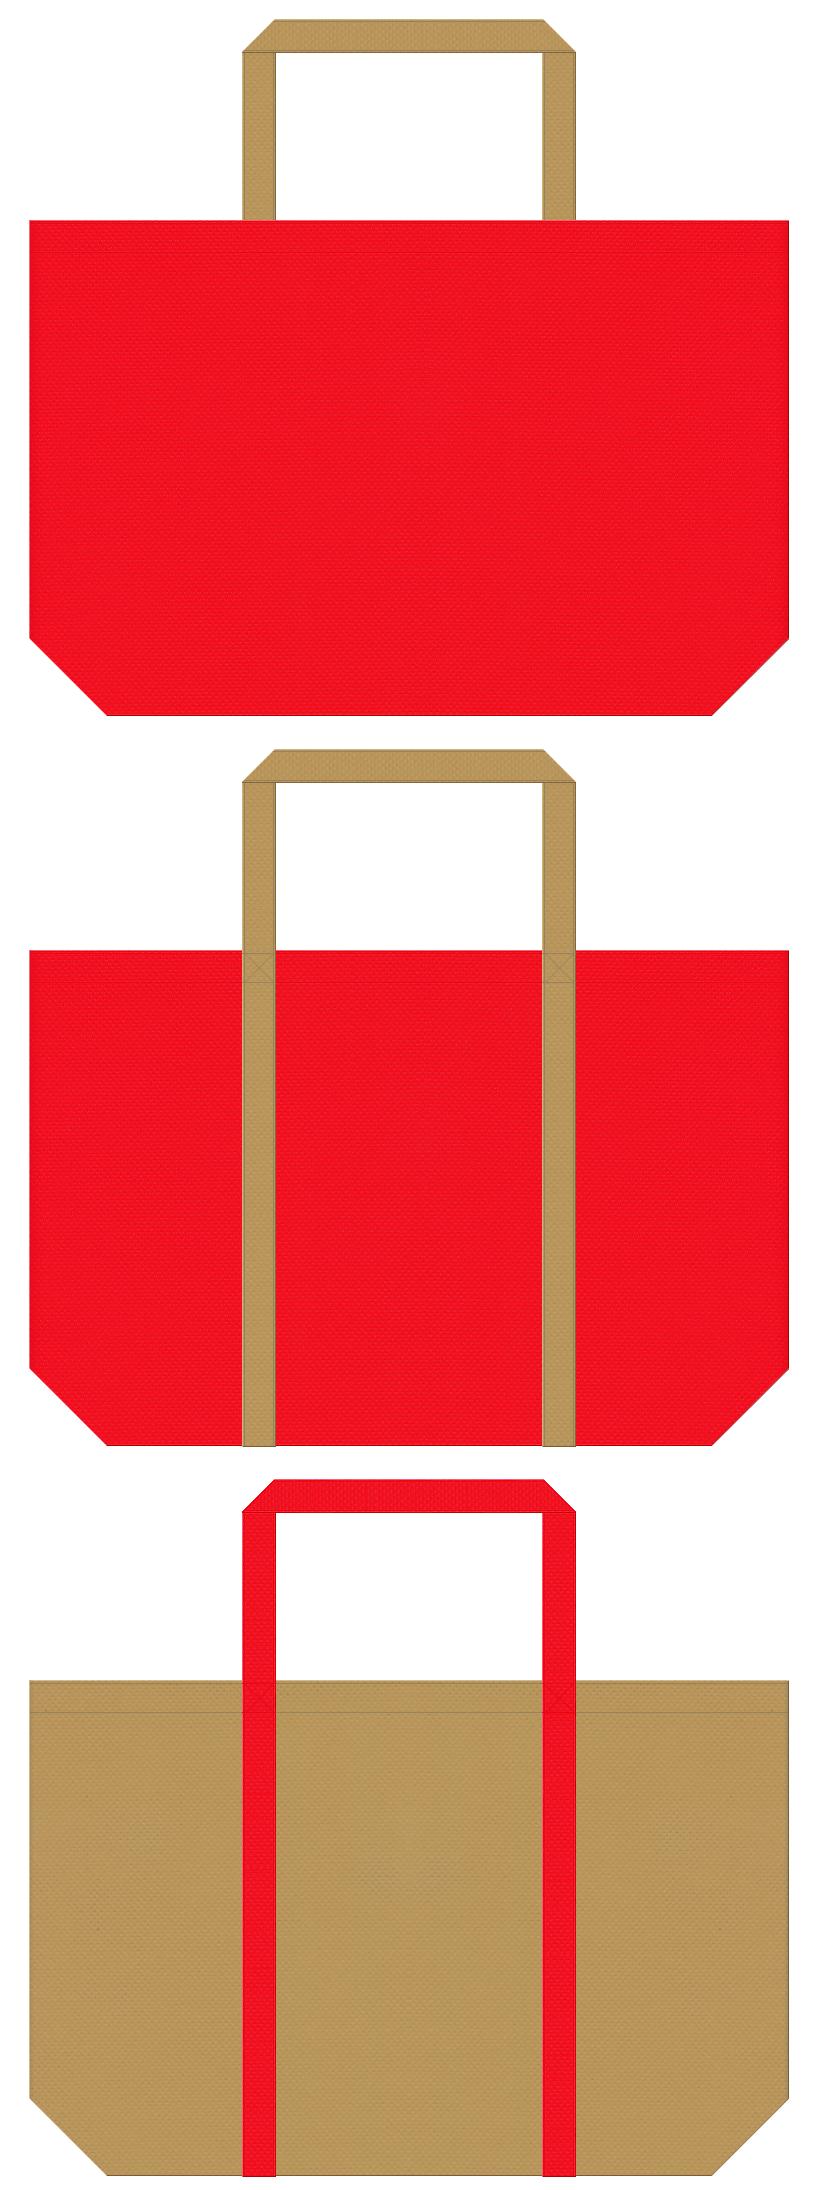 赤鬼・節分・大豆・一合枡・御輿・お祭り・和風催事・福袋にお奨めの不織布ショッピングバッグのデザイン:赤色と金黄土色のコーデ